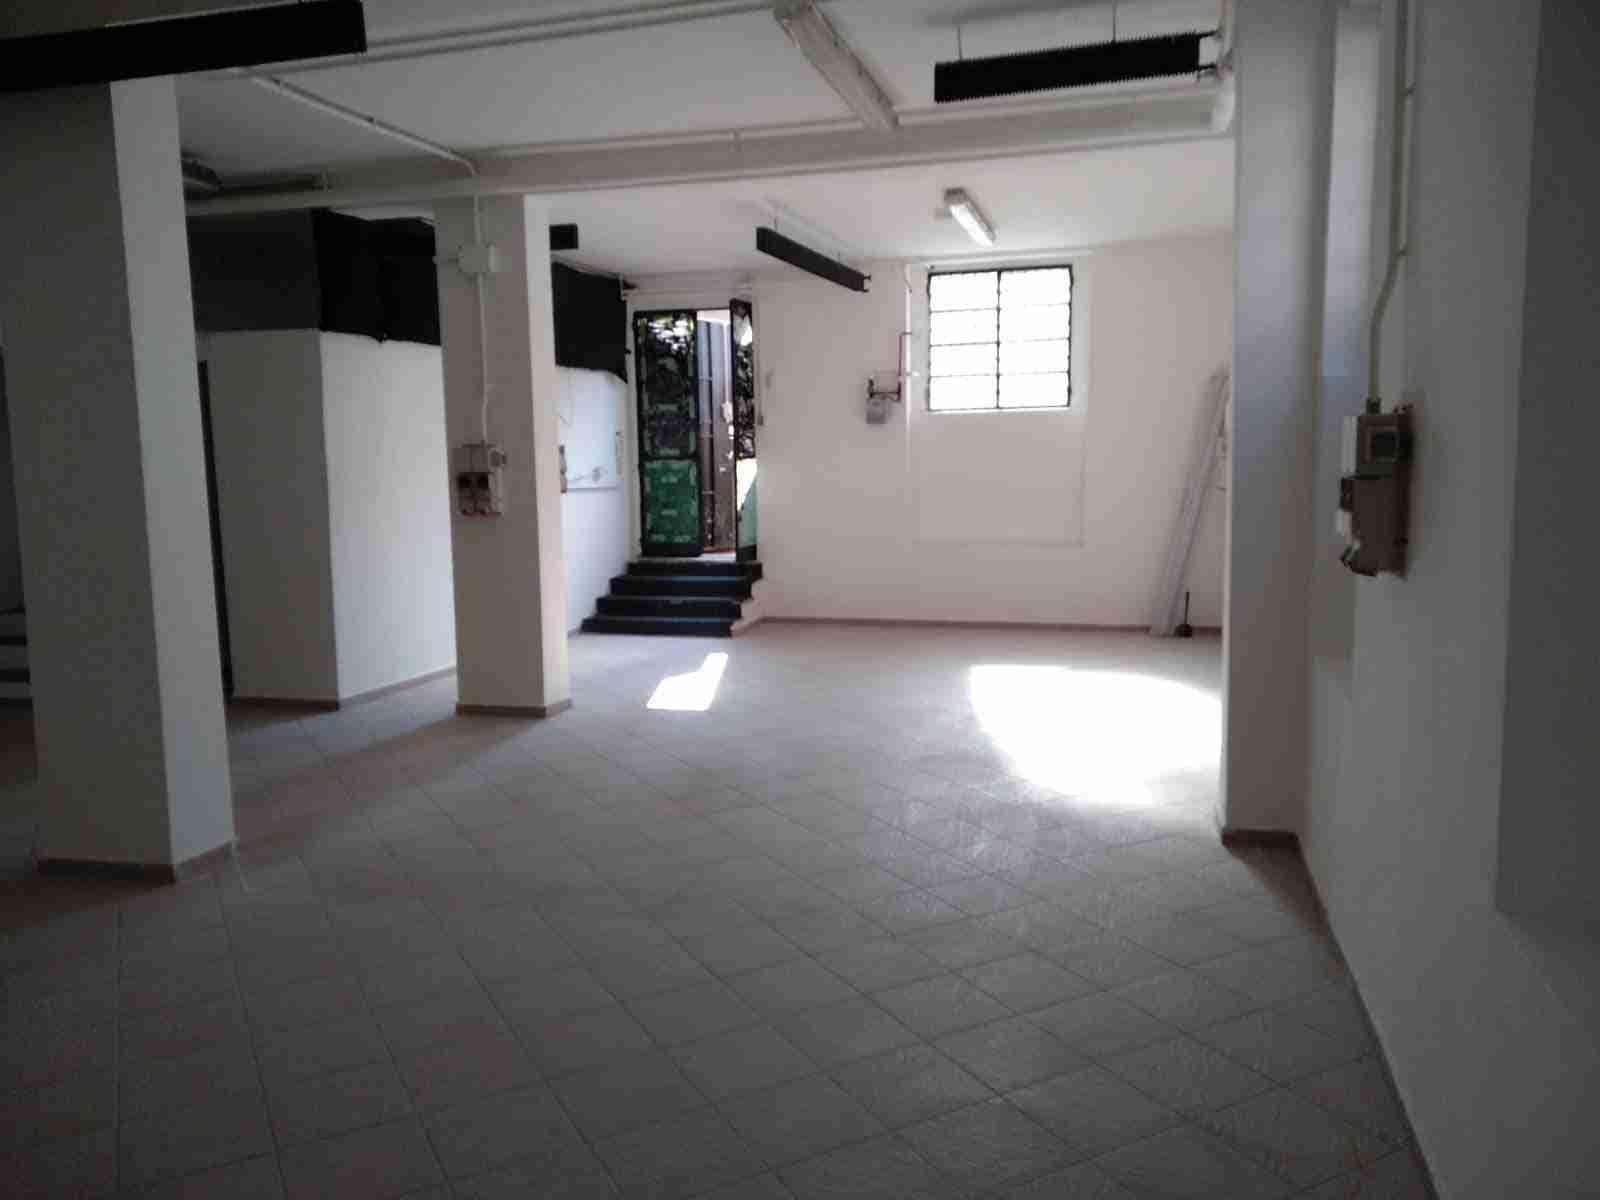 laboratorio-in-affitto-milano-baggio-C2-spaziourbano-immobiliare-vende-5